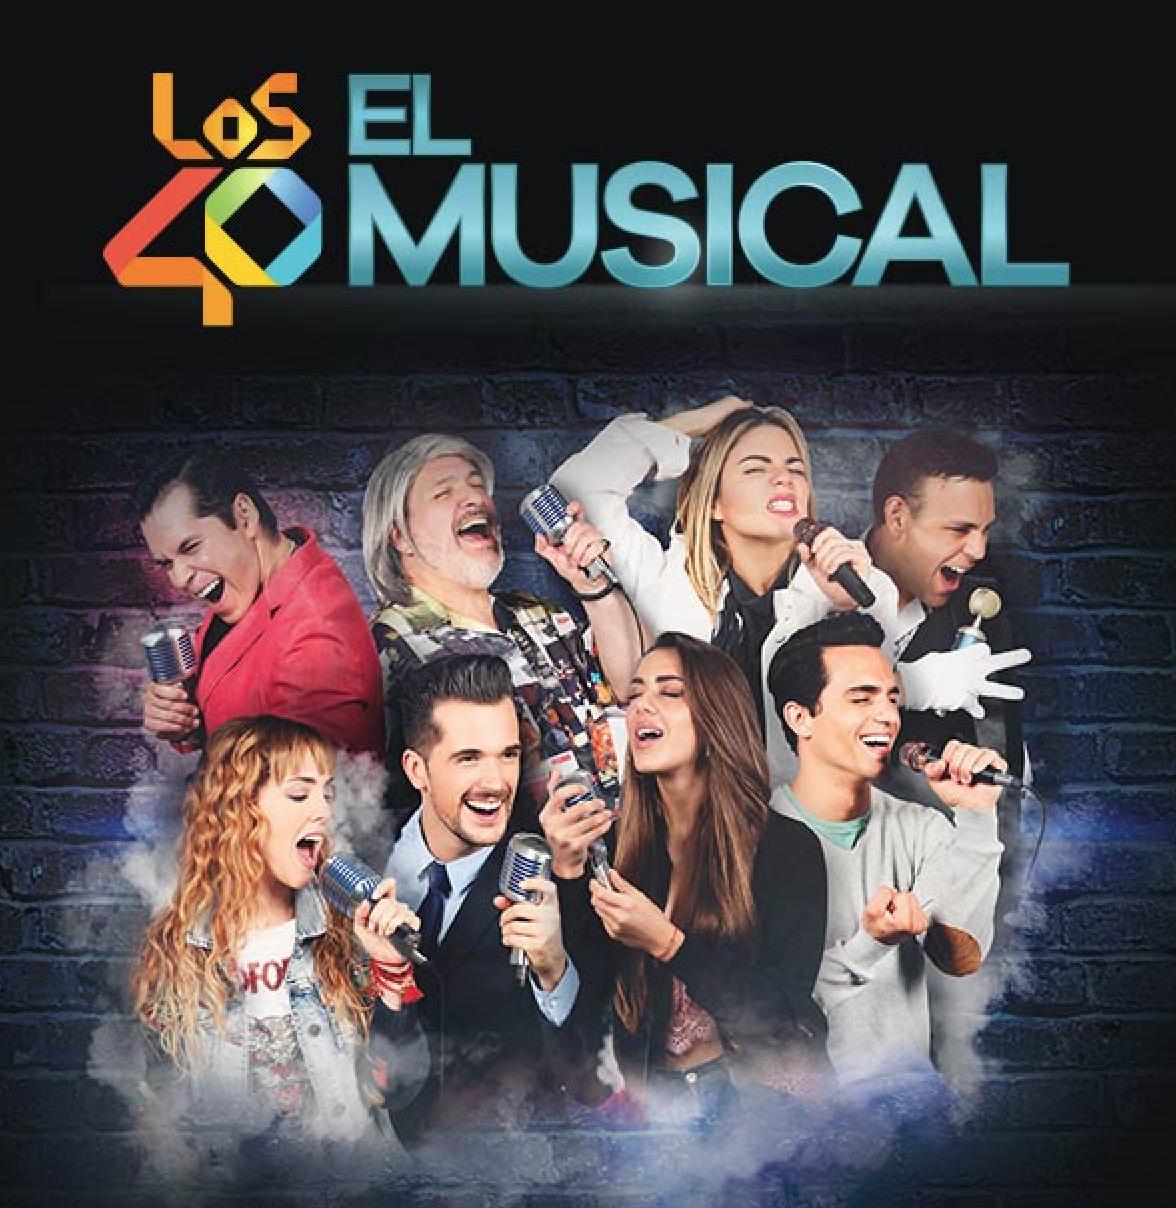 LOS 40 EL MUSICAL